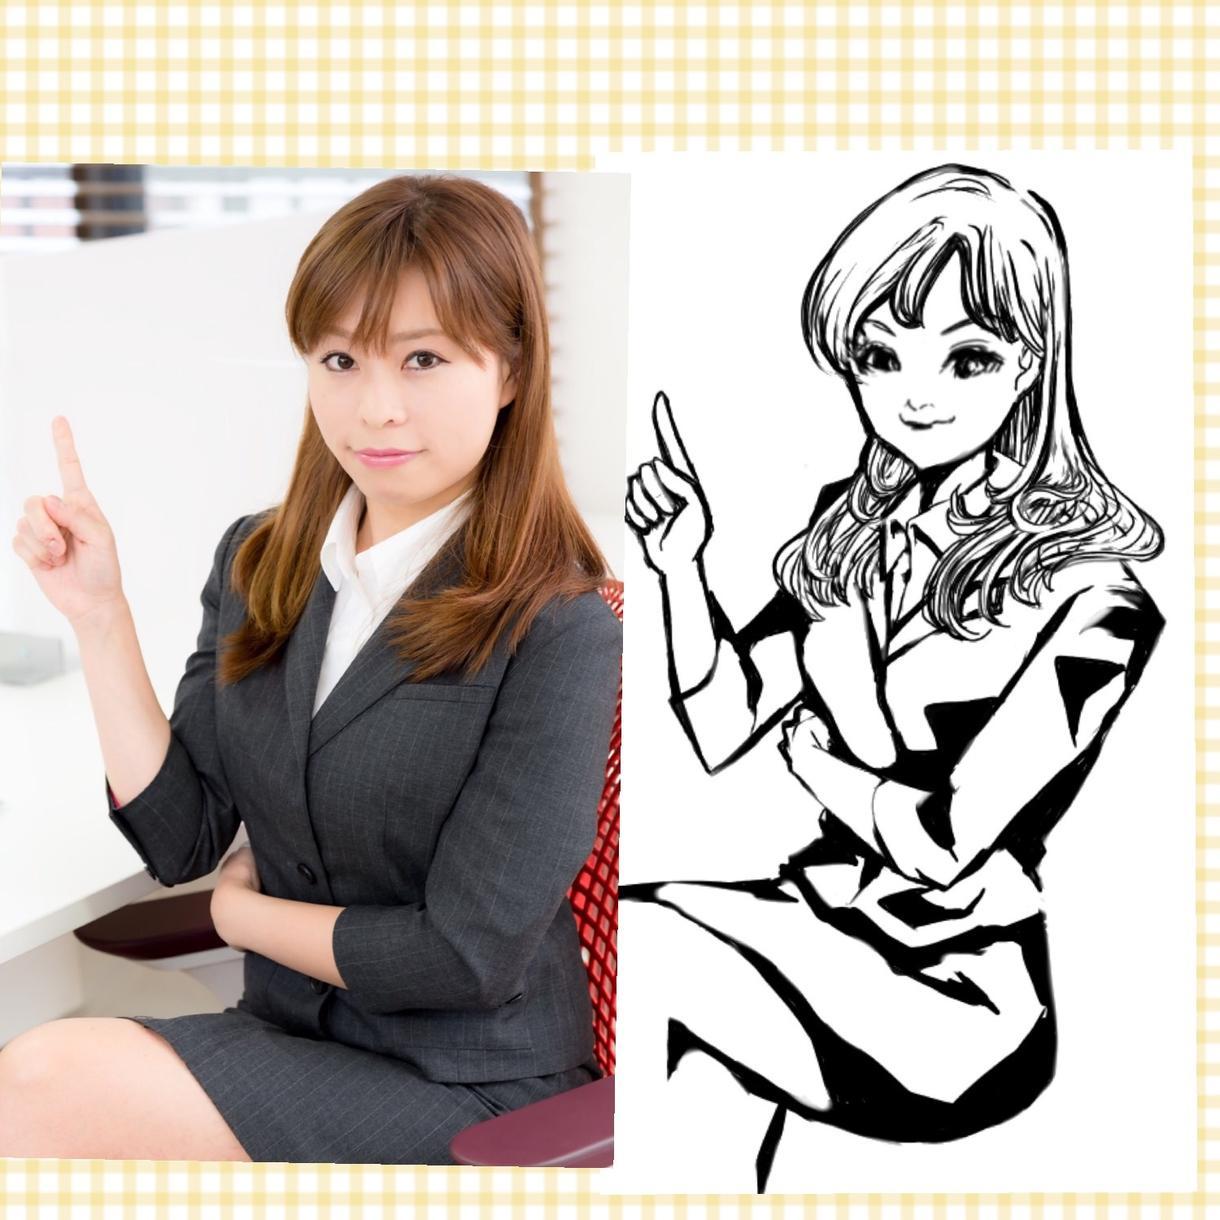 あなたの似顔絵を漫画風に描きます SNSのアイコンなどにどうぞ!!